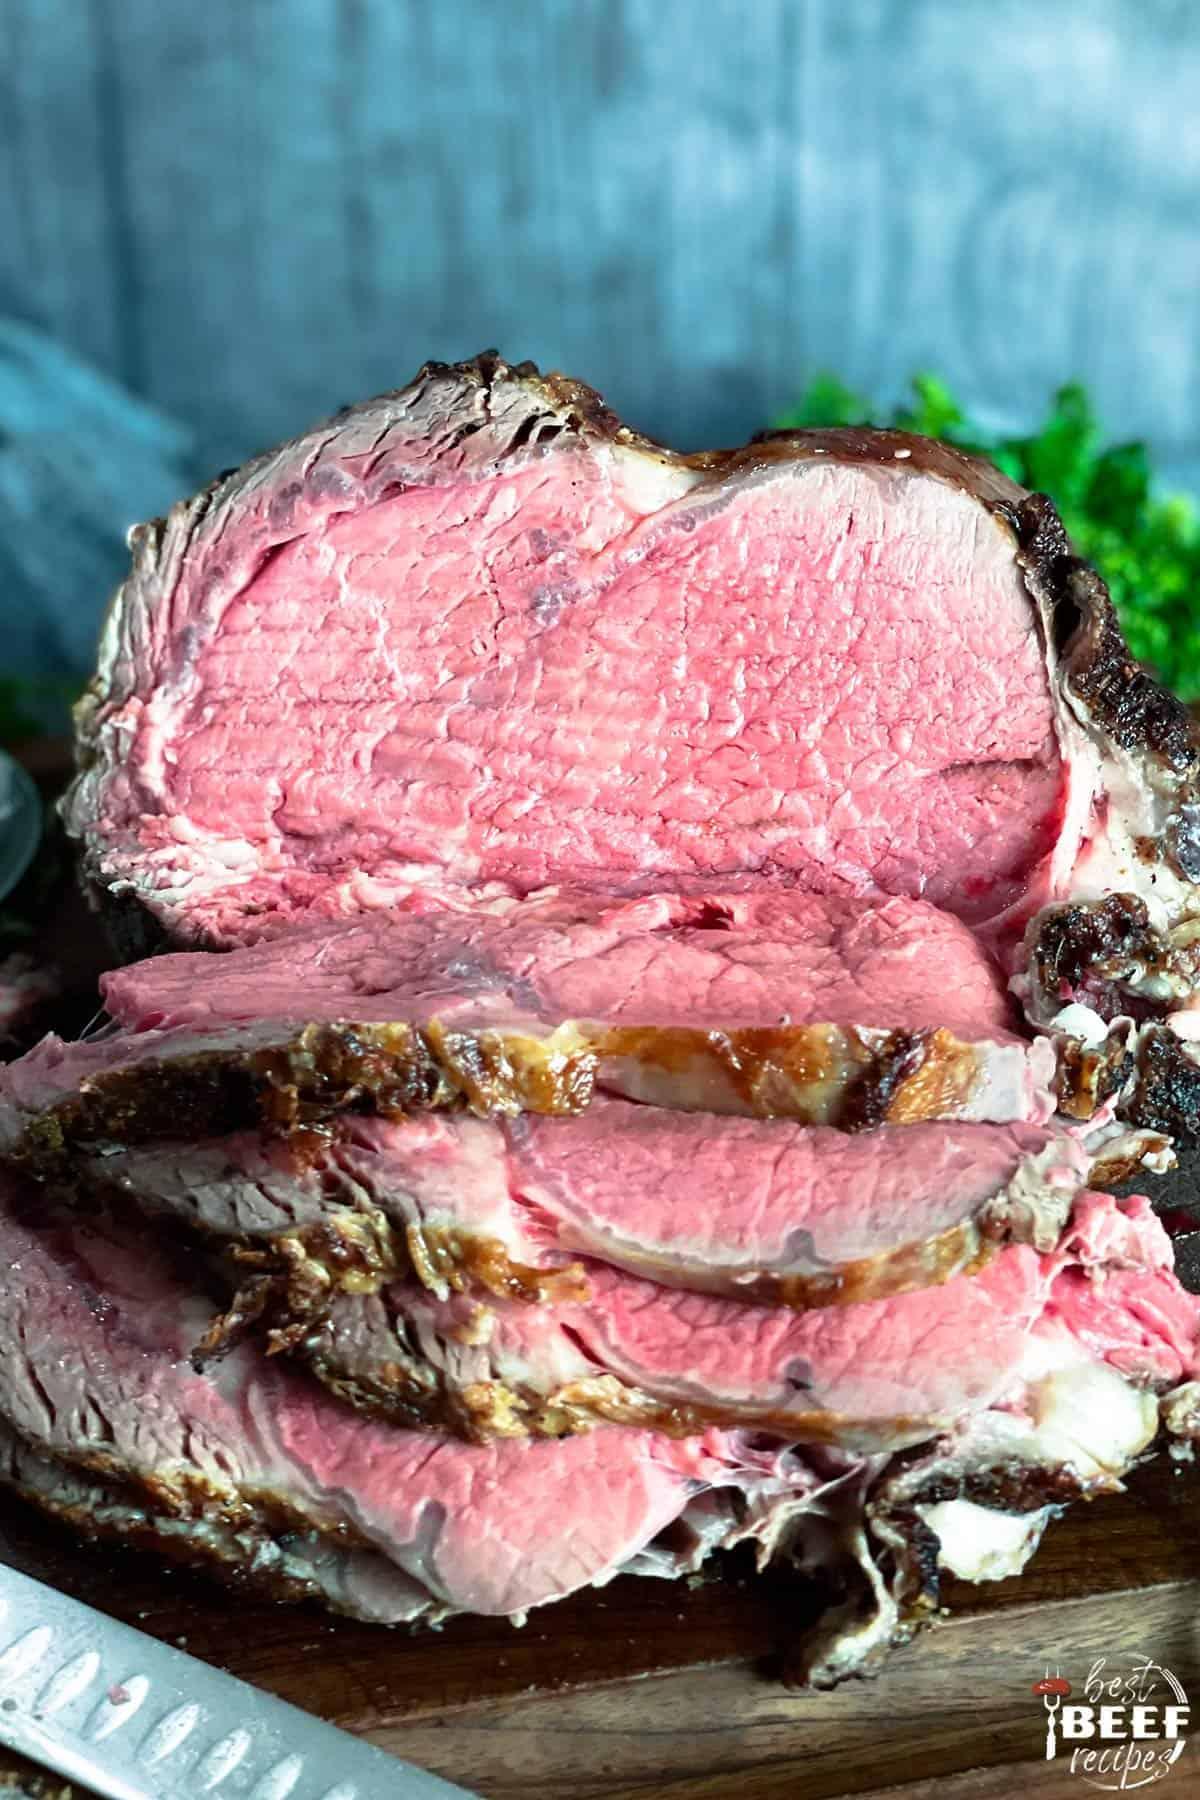 Sliced whole sous vide prime rib